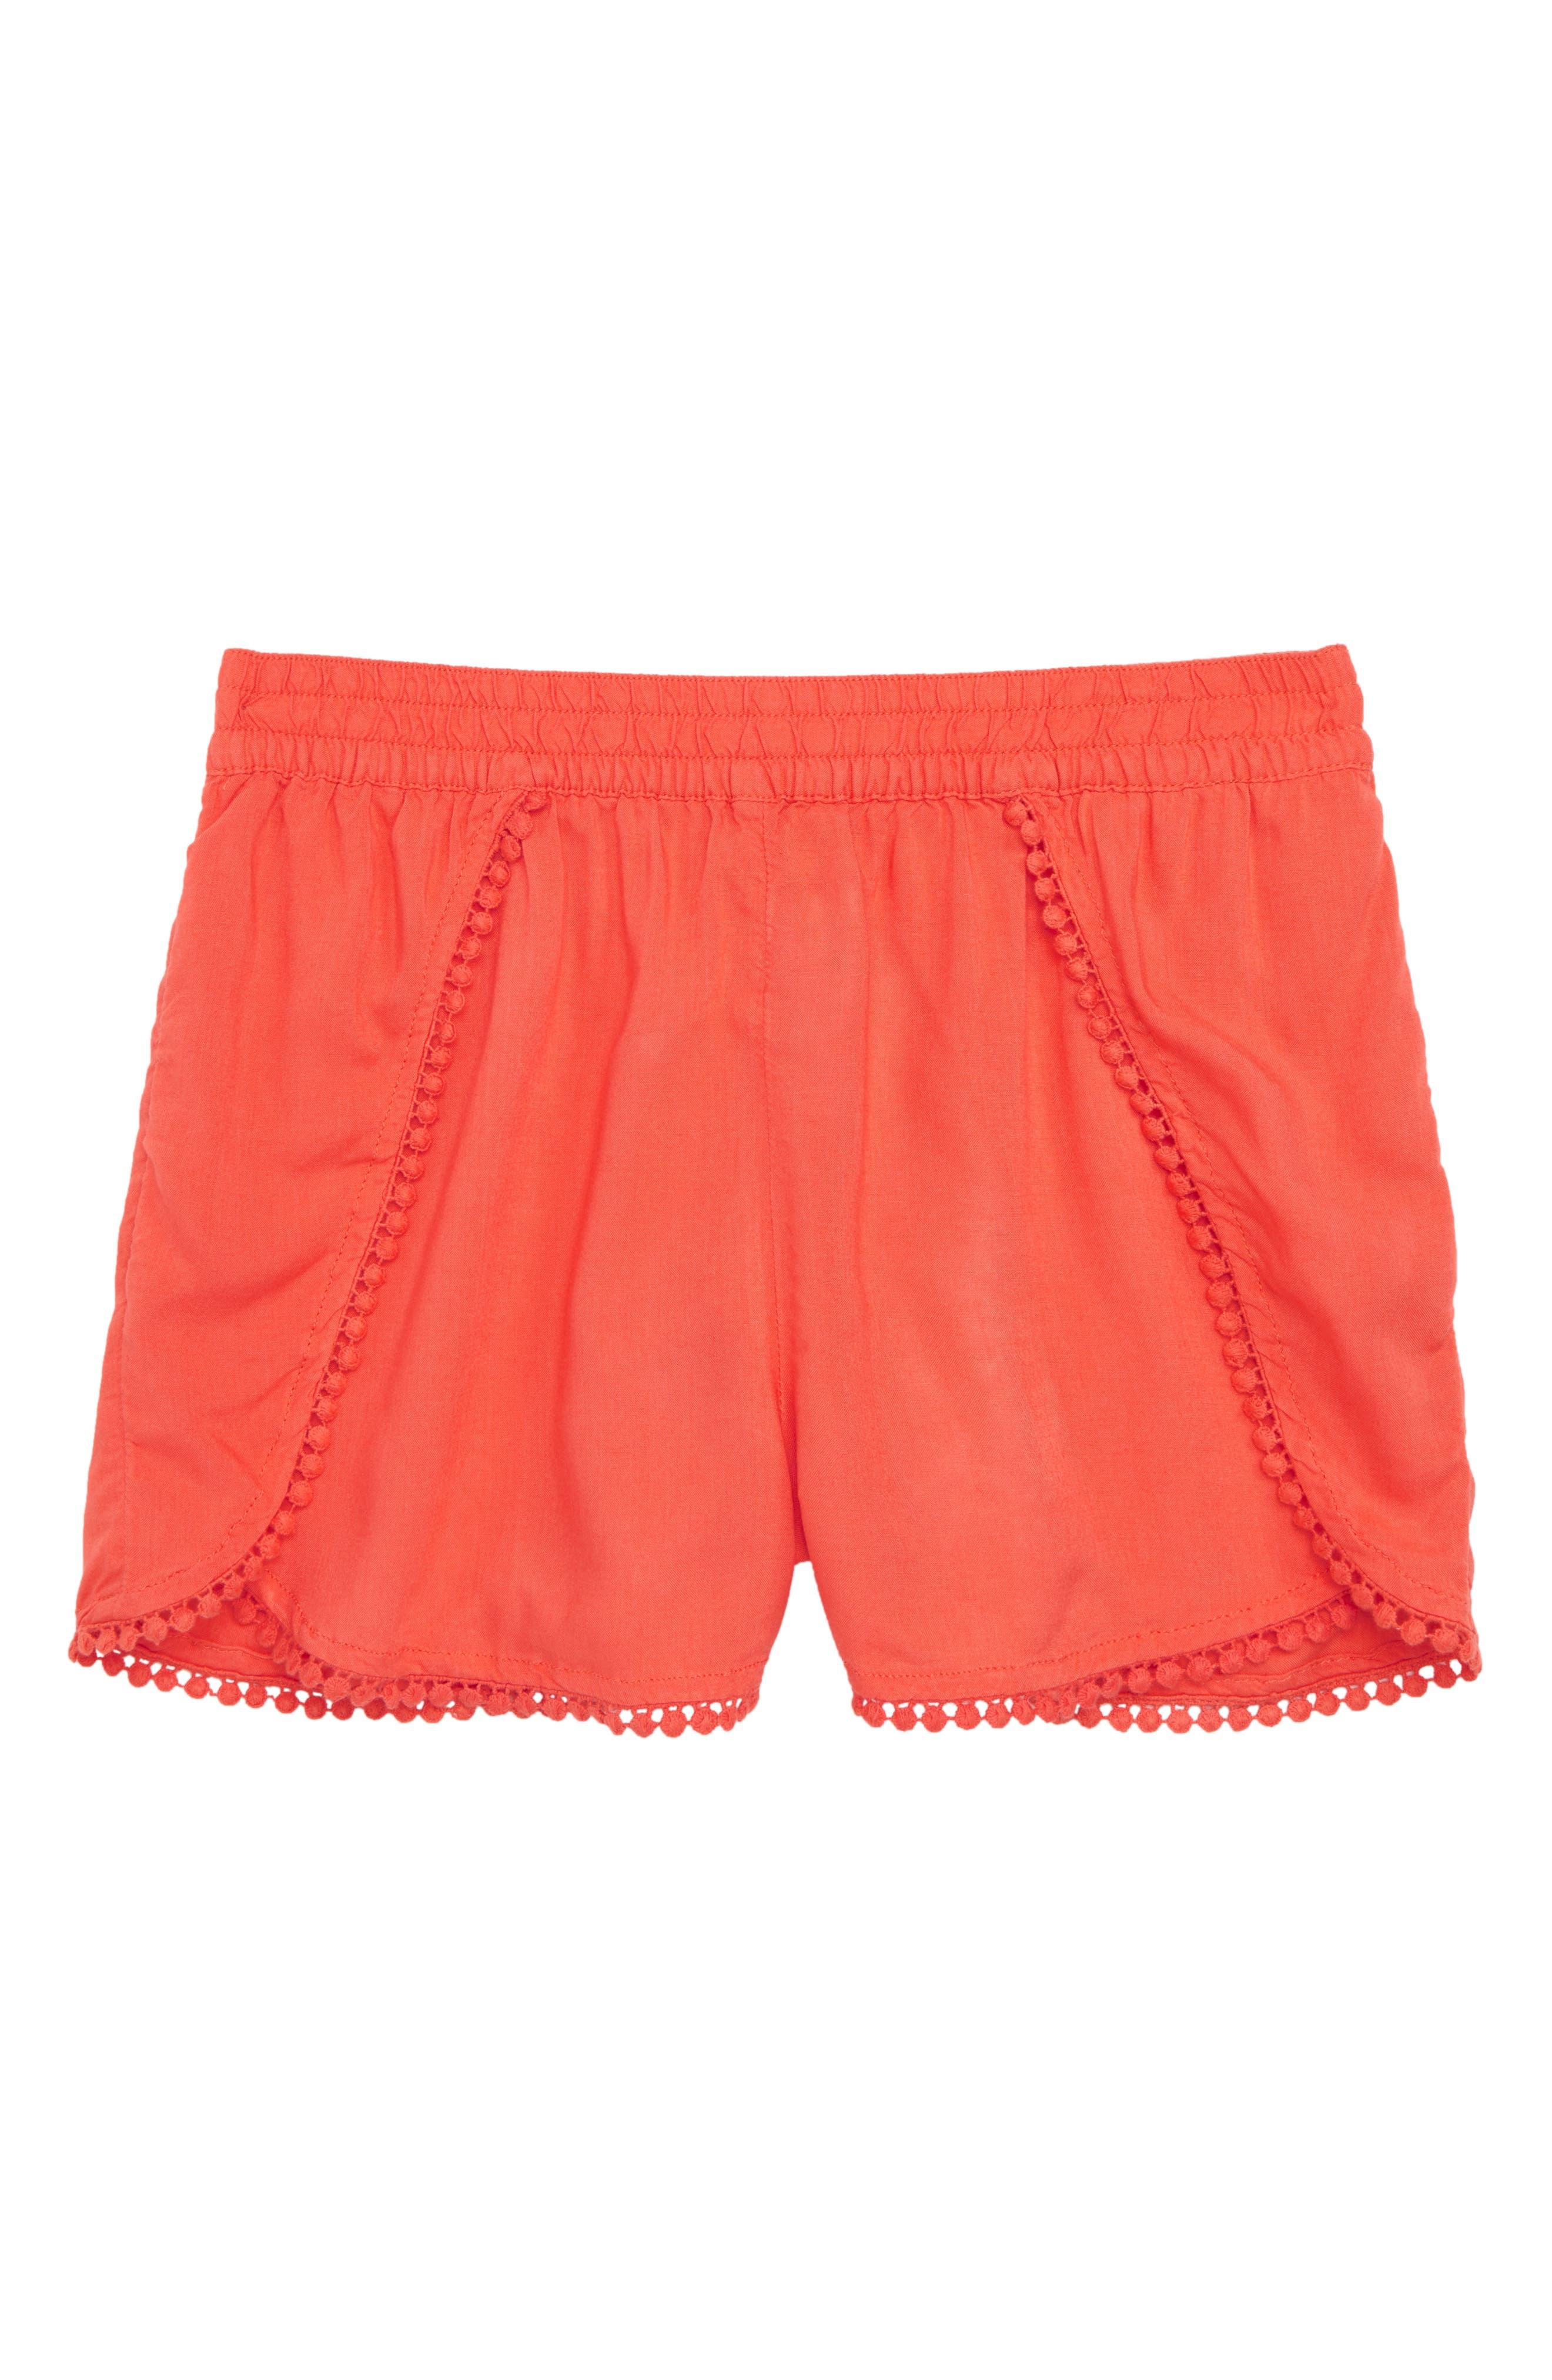 Petal Shorts,                         Main,                         color, Coral Hot